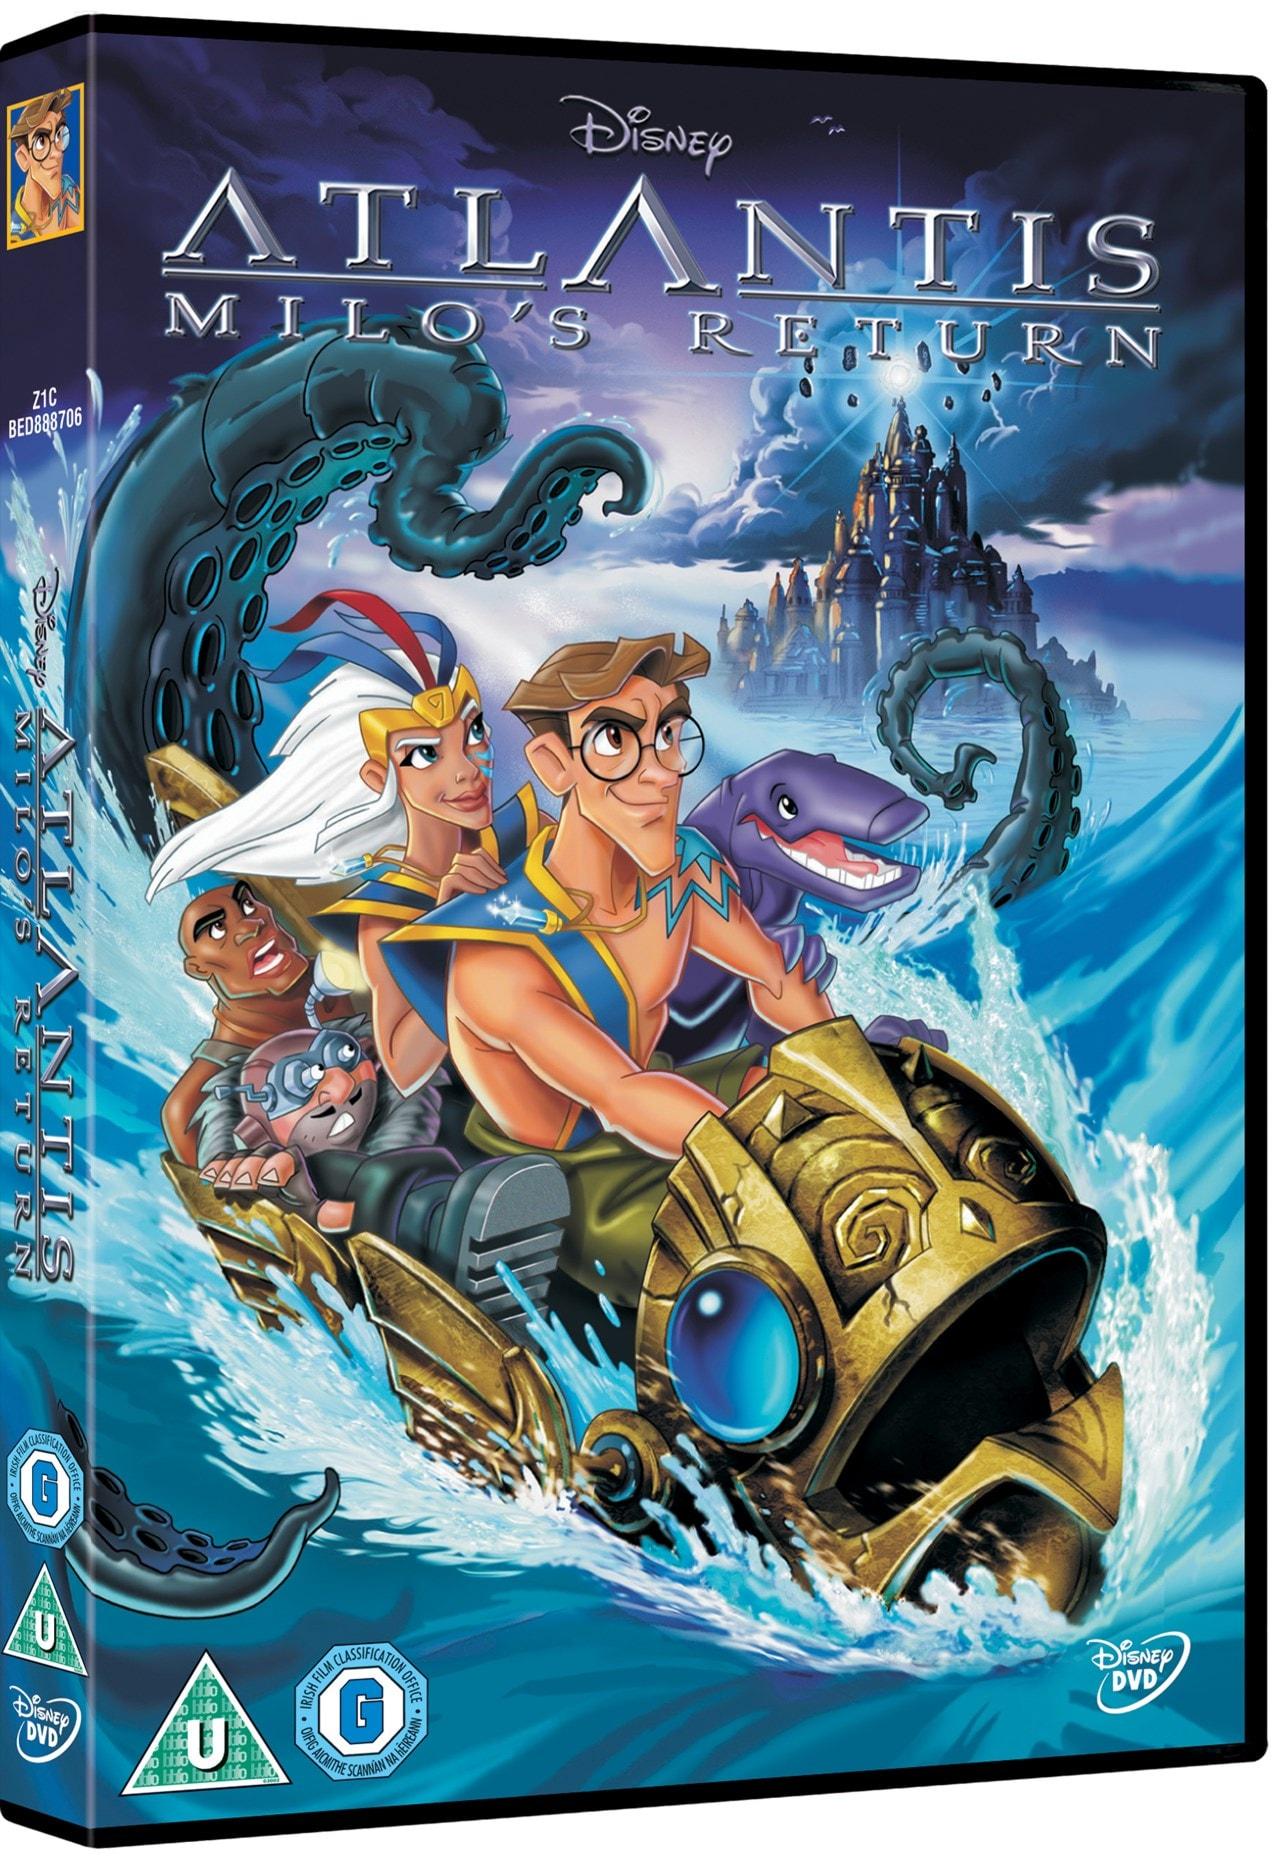 Atlantis 2 - Milo's Return - 2